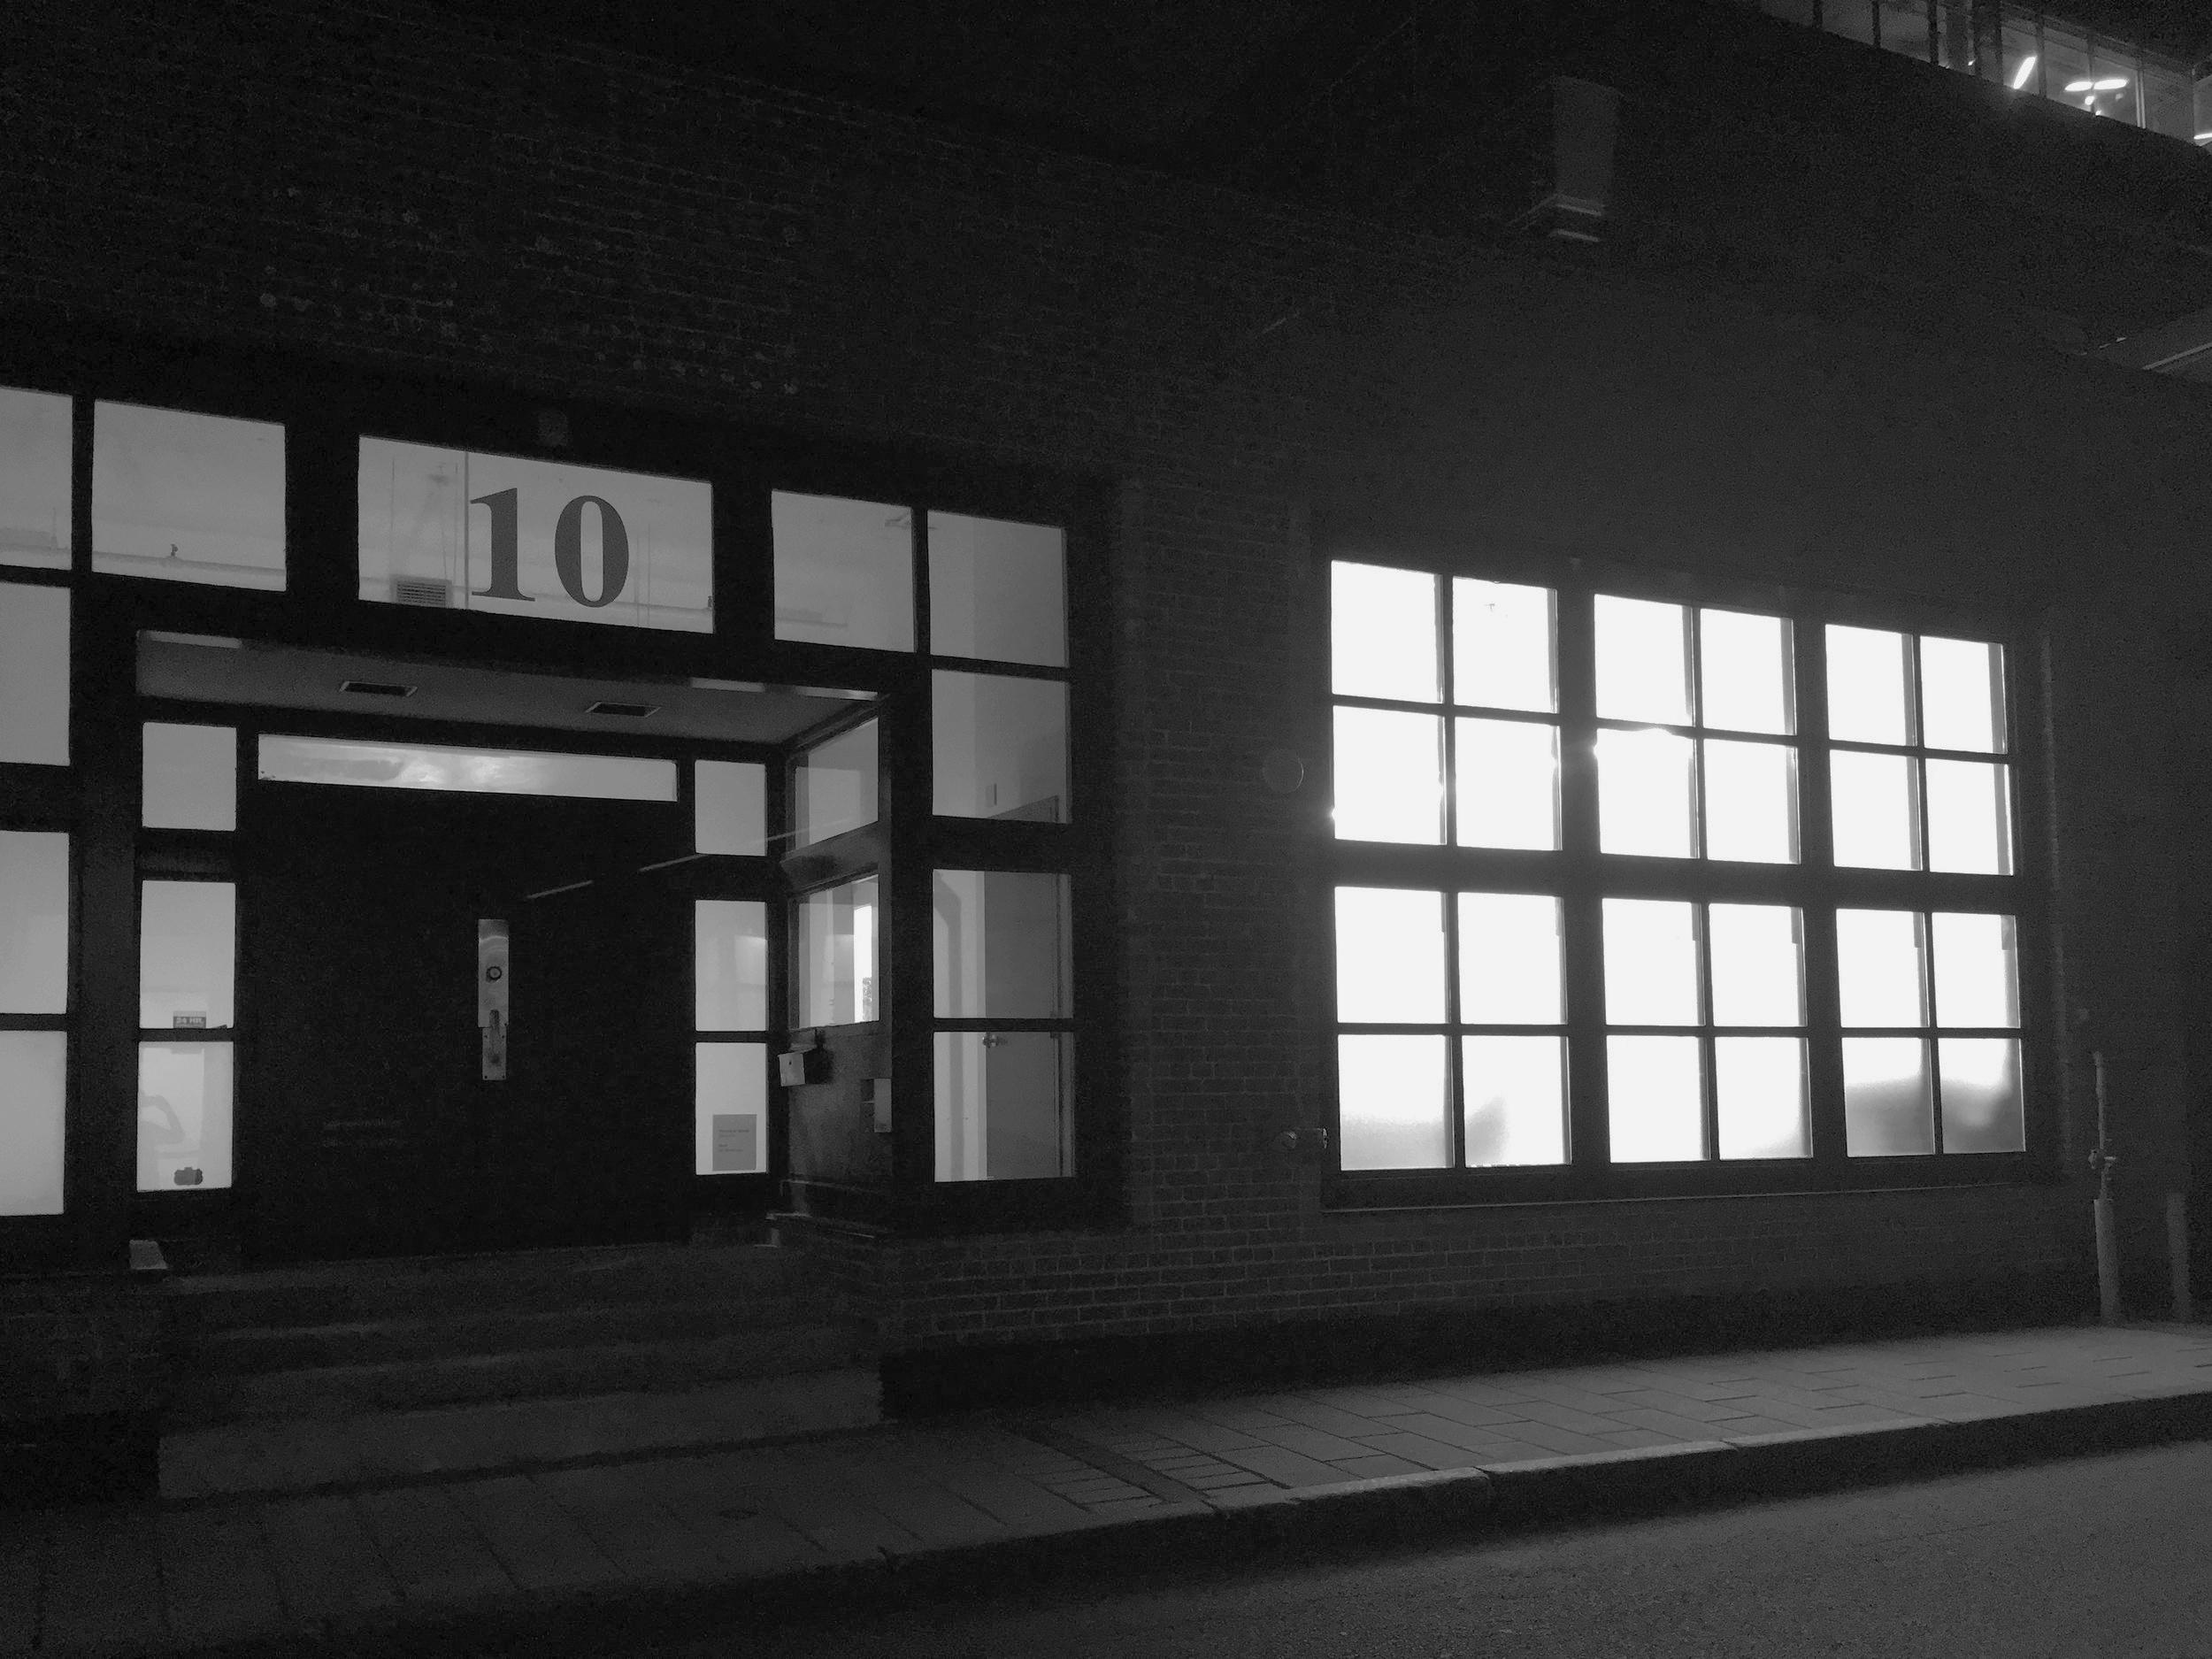 Historique - Inaugurée en 2011, la Galerie Nicolas Robert présente une sélection d'artistes contemporains canadiens émergents et établis travaillant la peinture, la photographie, le dessin, l'installation, la vidéo, l'installation sonore et la sculpture. Orientée autour de la notion de processus et d'un esthétisme formel épuré, la galerie contribue à la diffusion et à la promotion de la création artistique contemporaine en offrant une programmation d'expositions individuelles et collectives rigoureuses et innovantes.